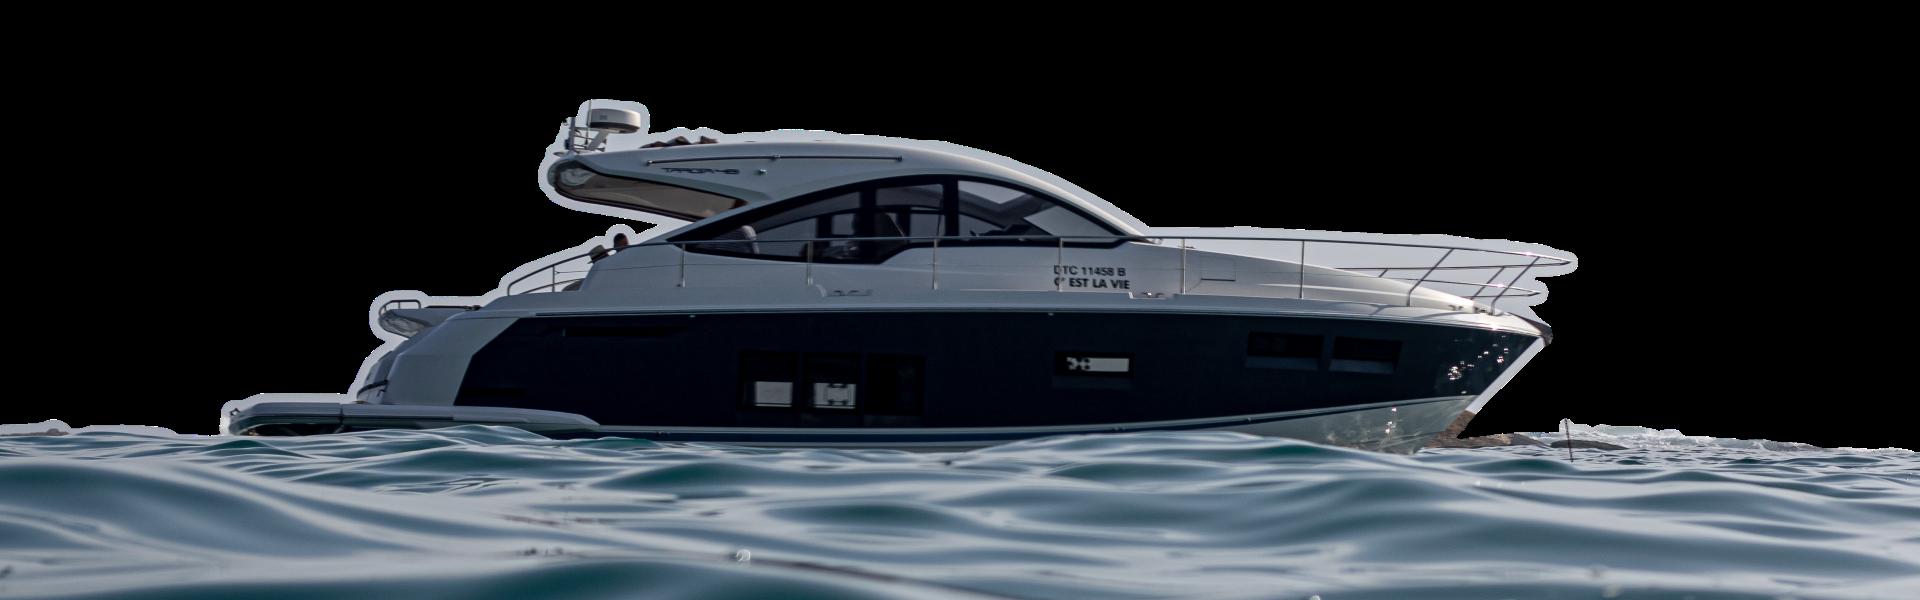 Folienwerft-Folierungen-Bootsfolierung-Yachtfolierung-Schiffsfolierung-Flensburg